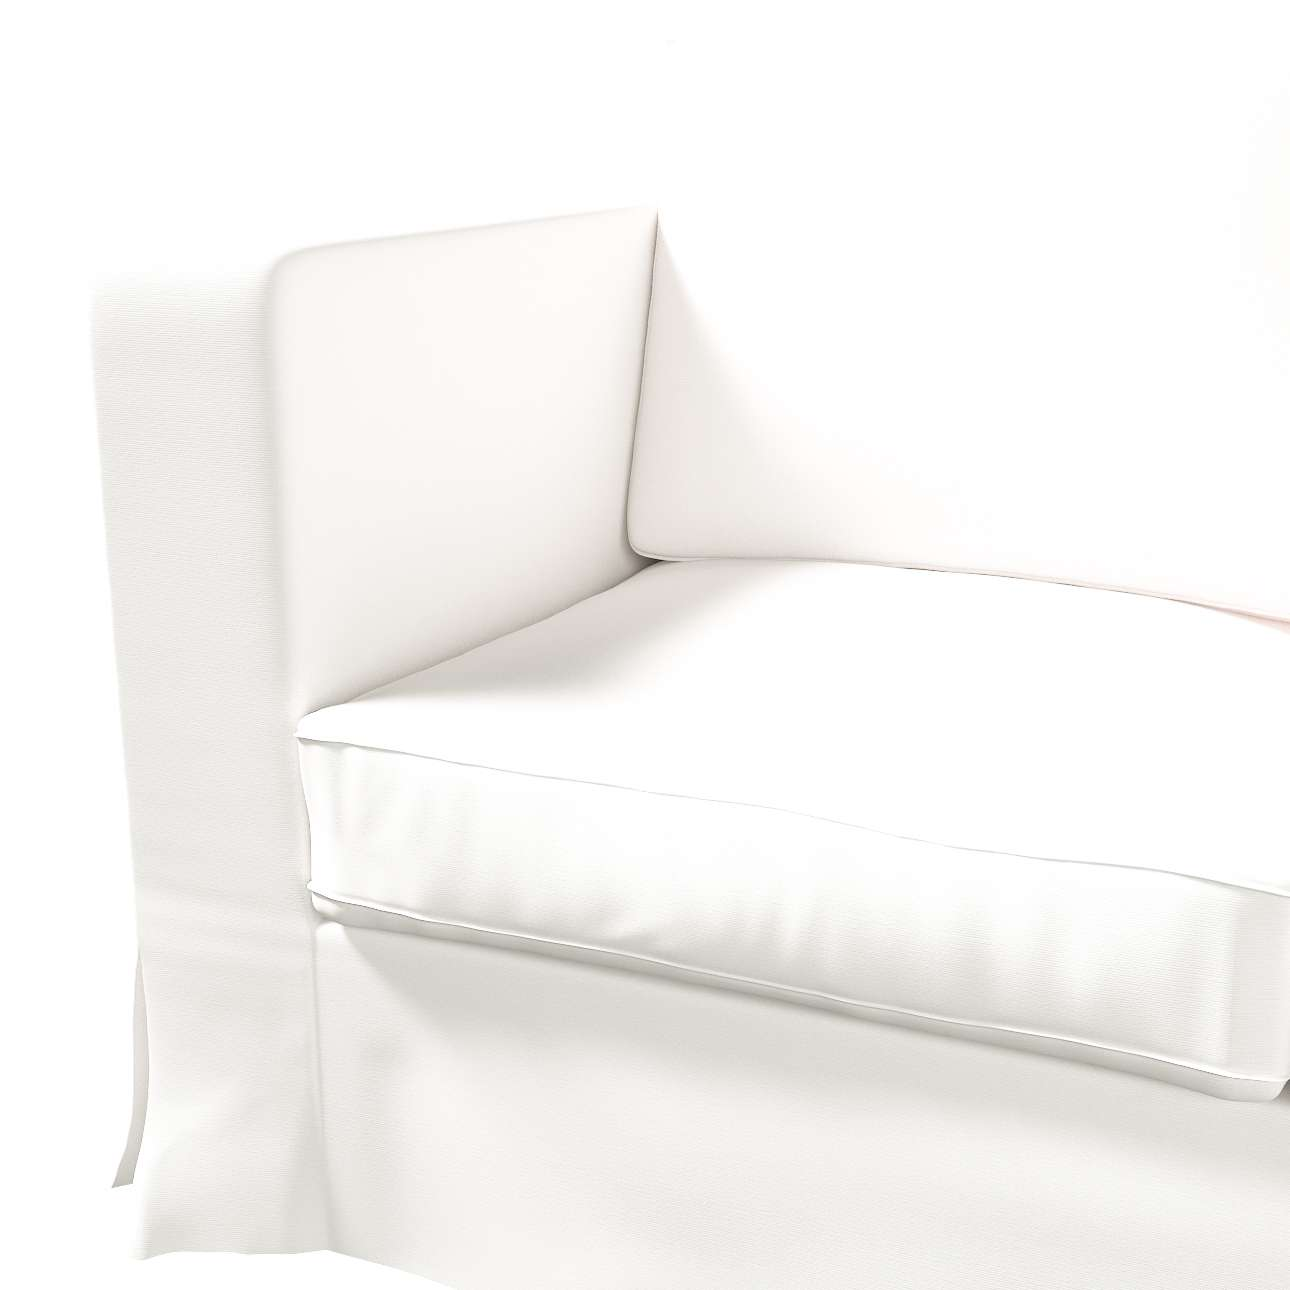 Bezug für Karlanda 3-Sitzer Sofa nicht ausklappbar, lang von der Kollektion Cotton Panama, Stoff: 702-34